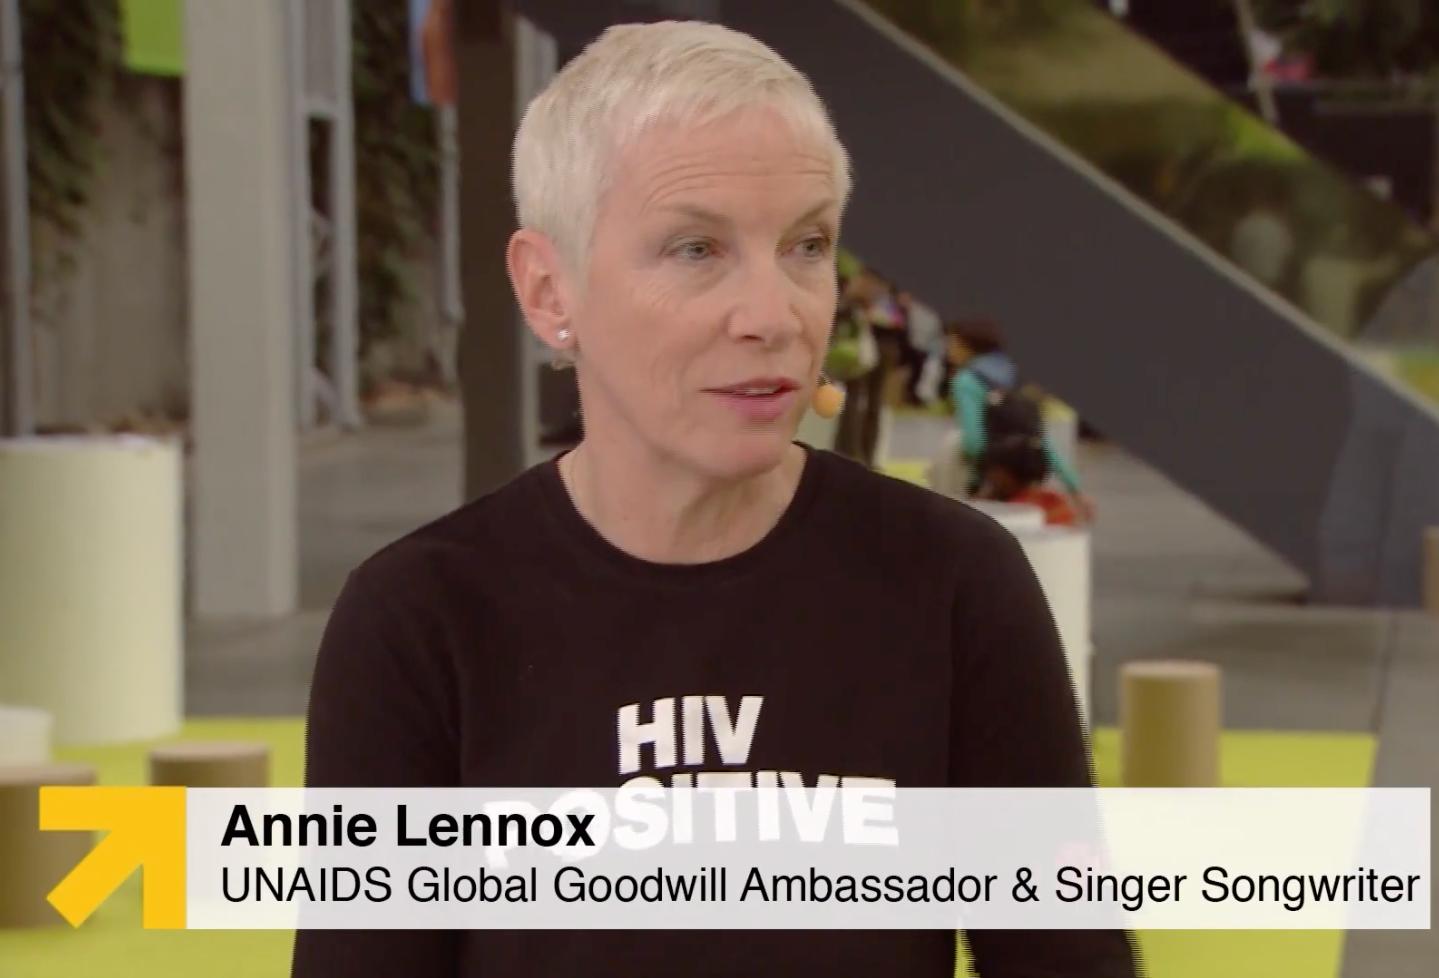 Annie Lennox, UNAIDS